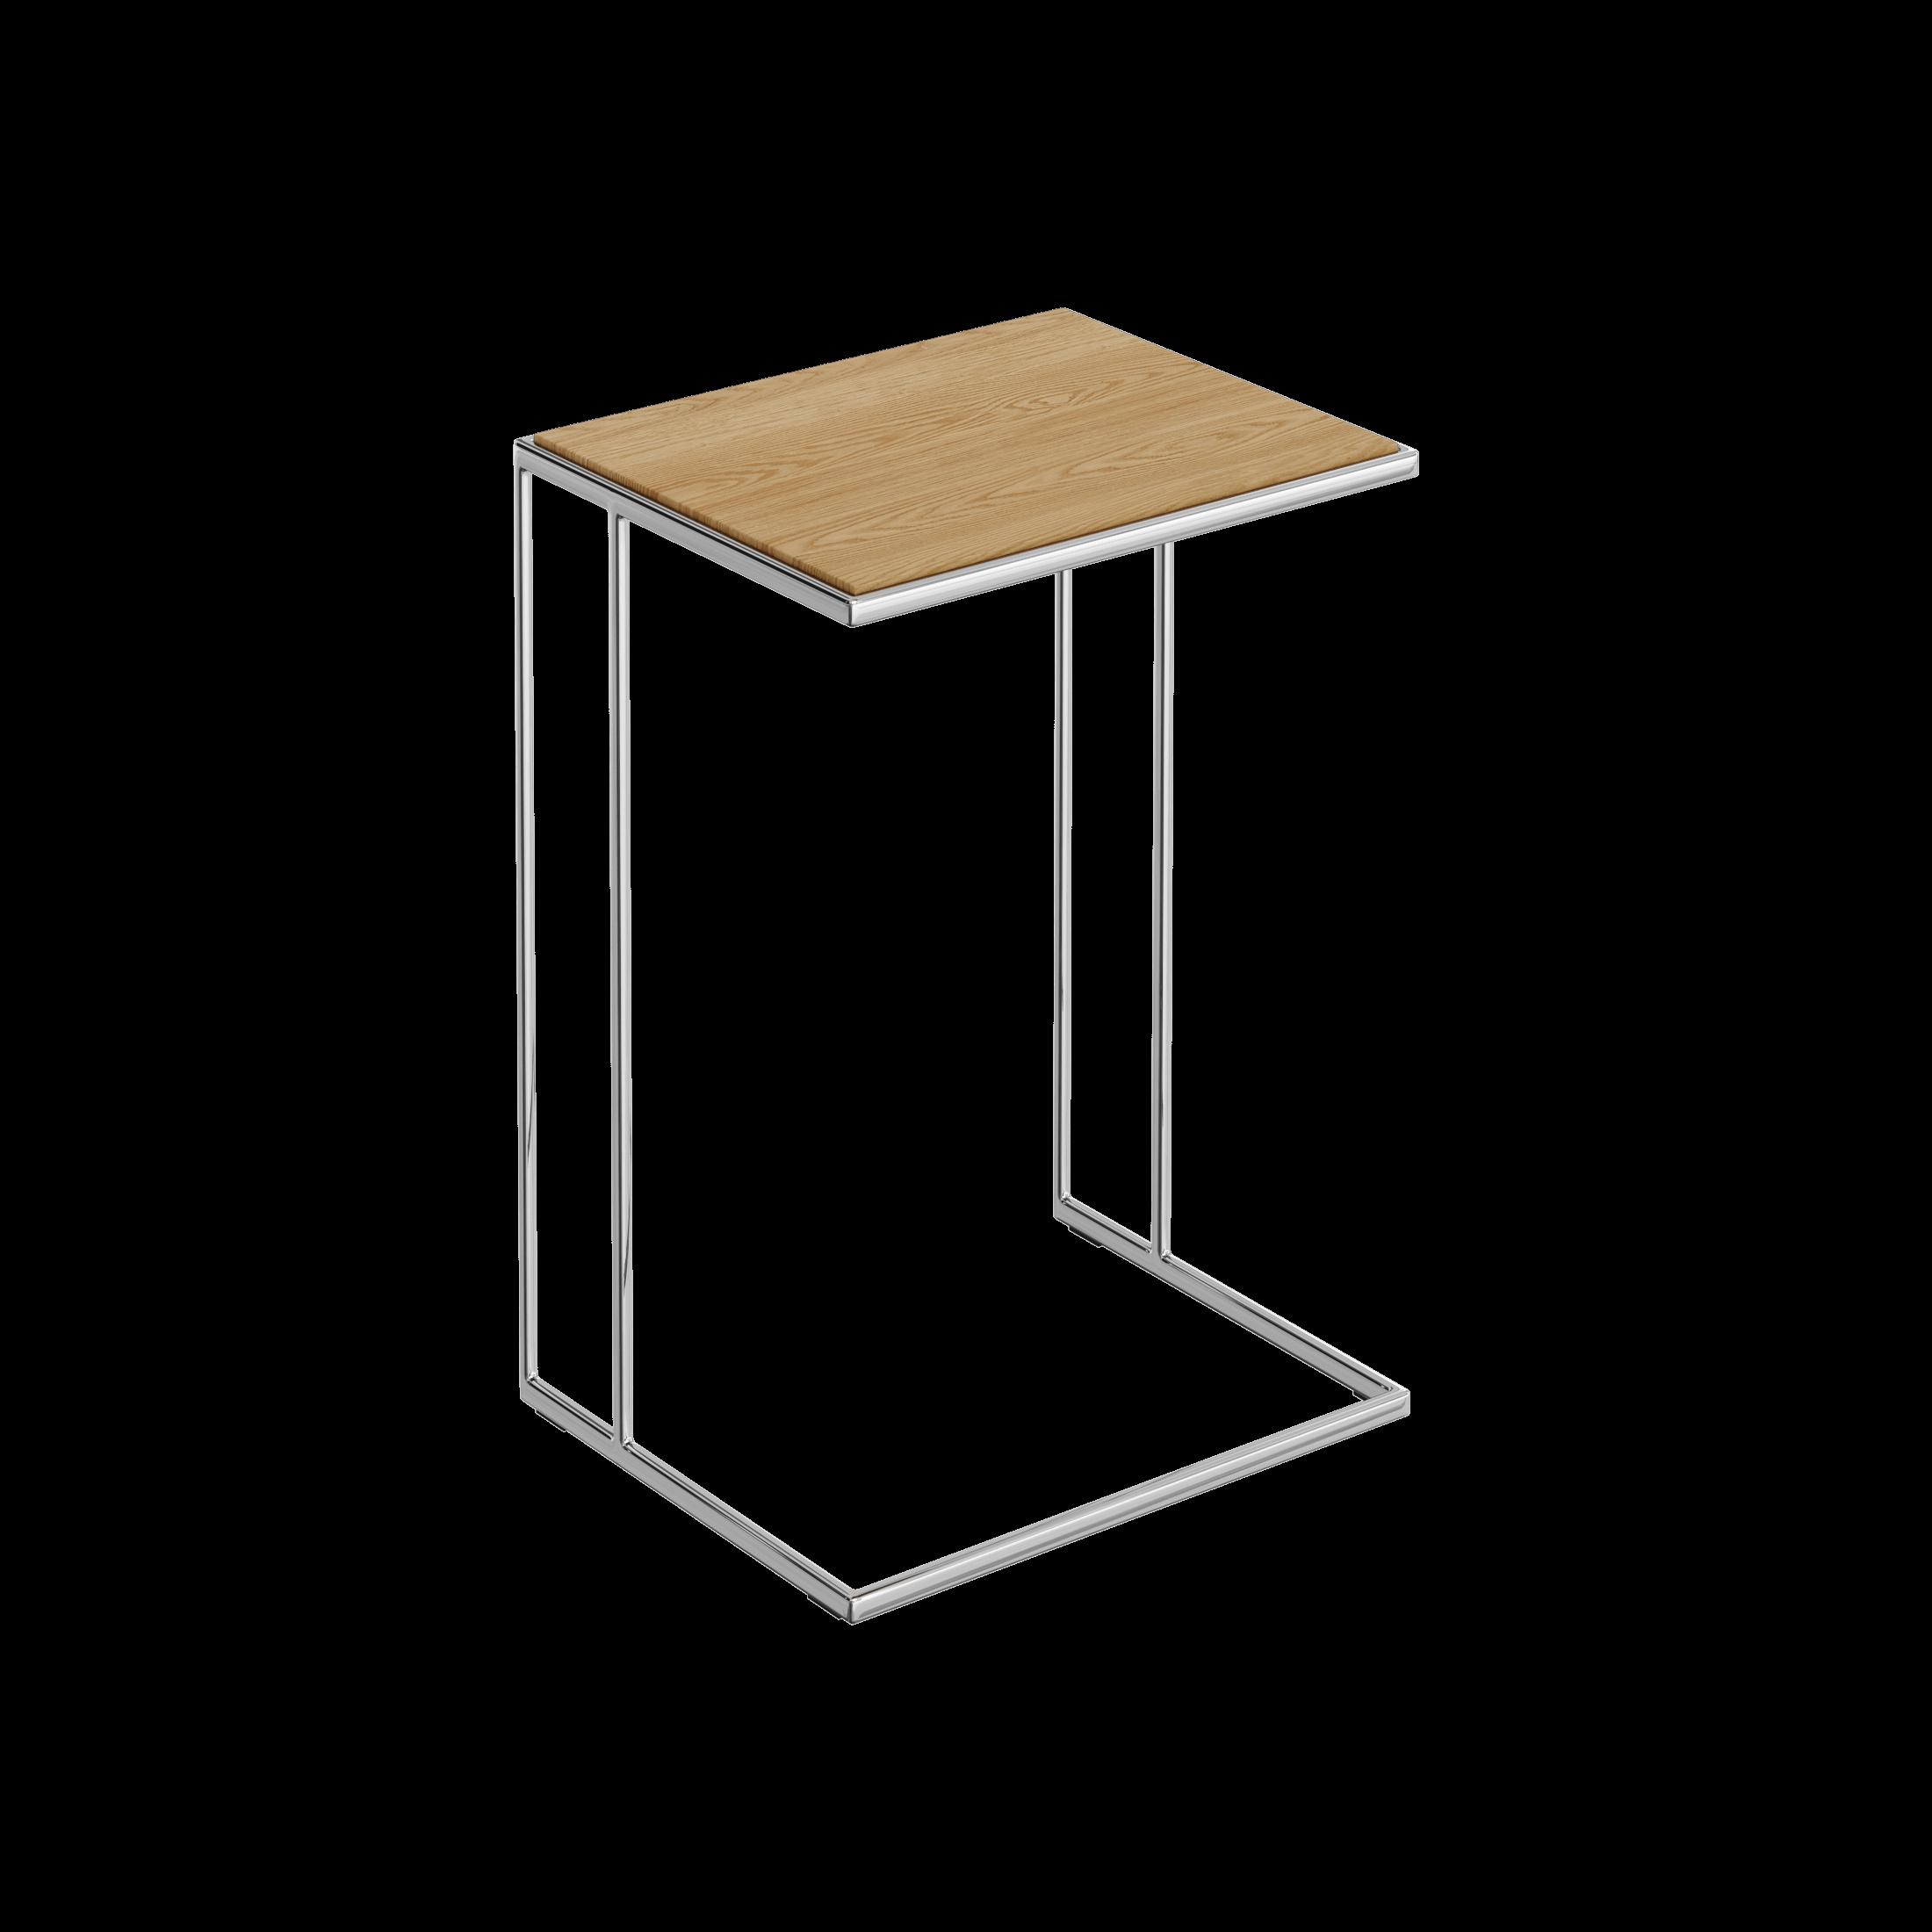 toscana beistelltisch couchtisch toscana couchtische shop gallery m. Black Bedroom Furniture Sets. Home Design Ideas